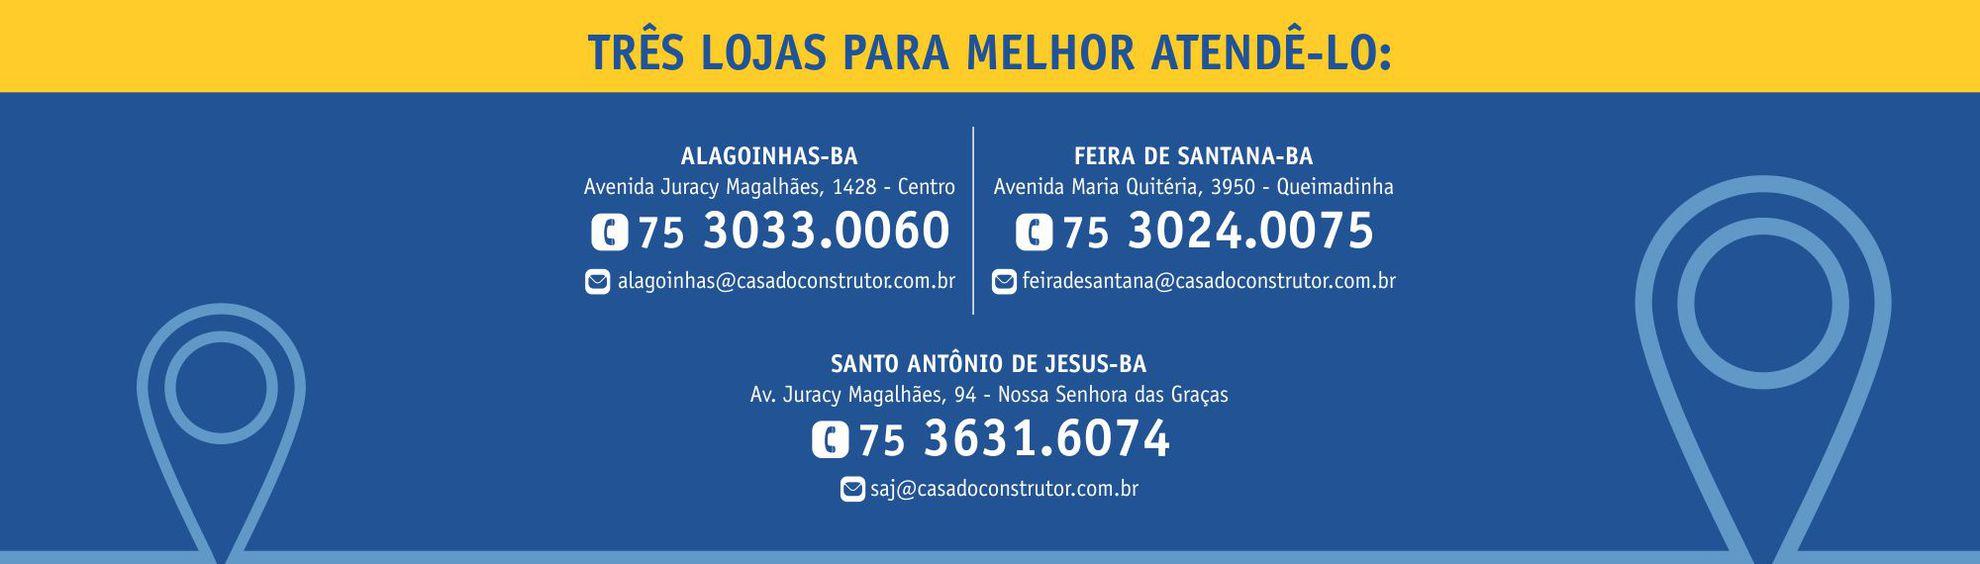 Santo Antônio de Jesus-BA